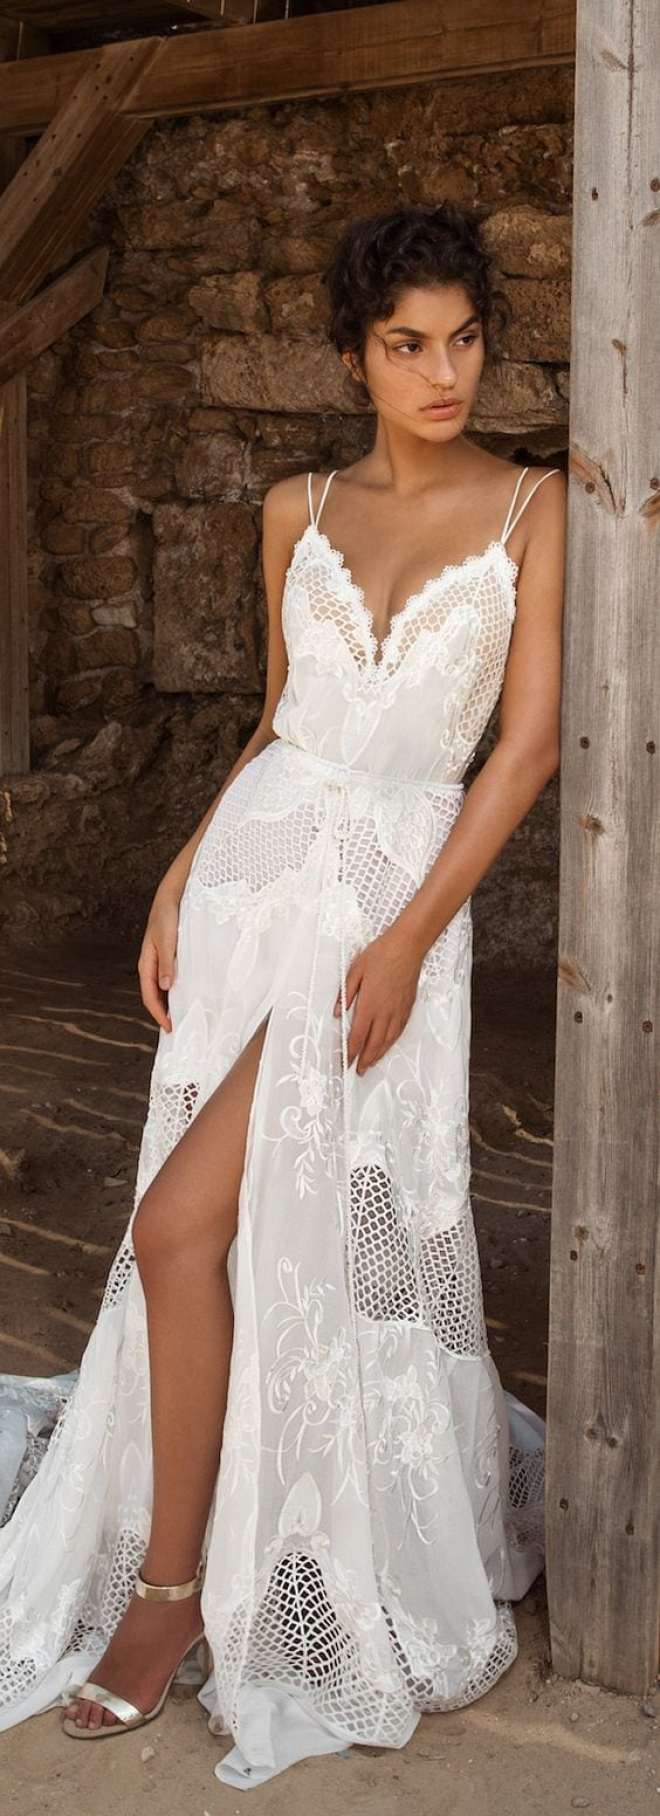 Inspirações de vestidos de noiva para casamento na praia